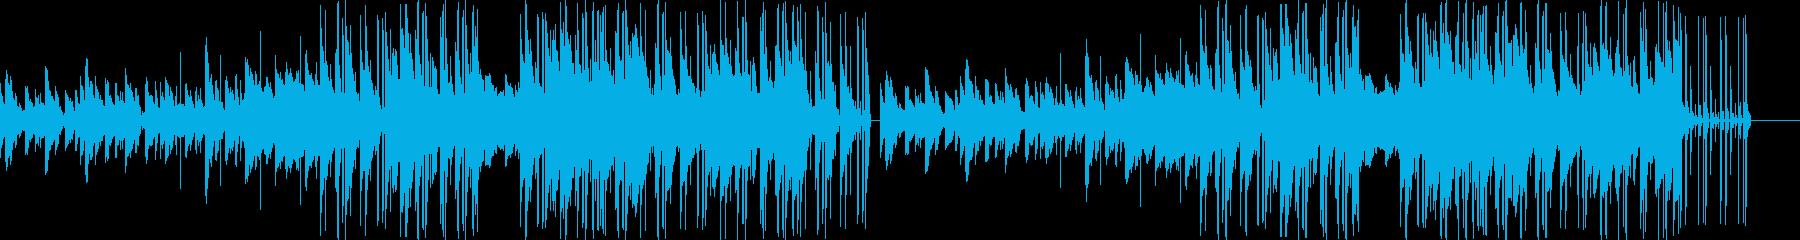 切ないメロディのベルが特徴的なバラードの再生済みの波形